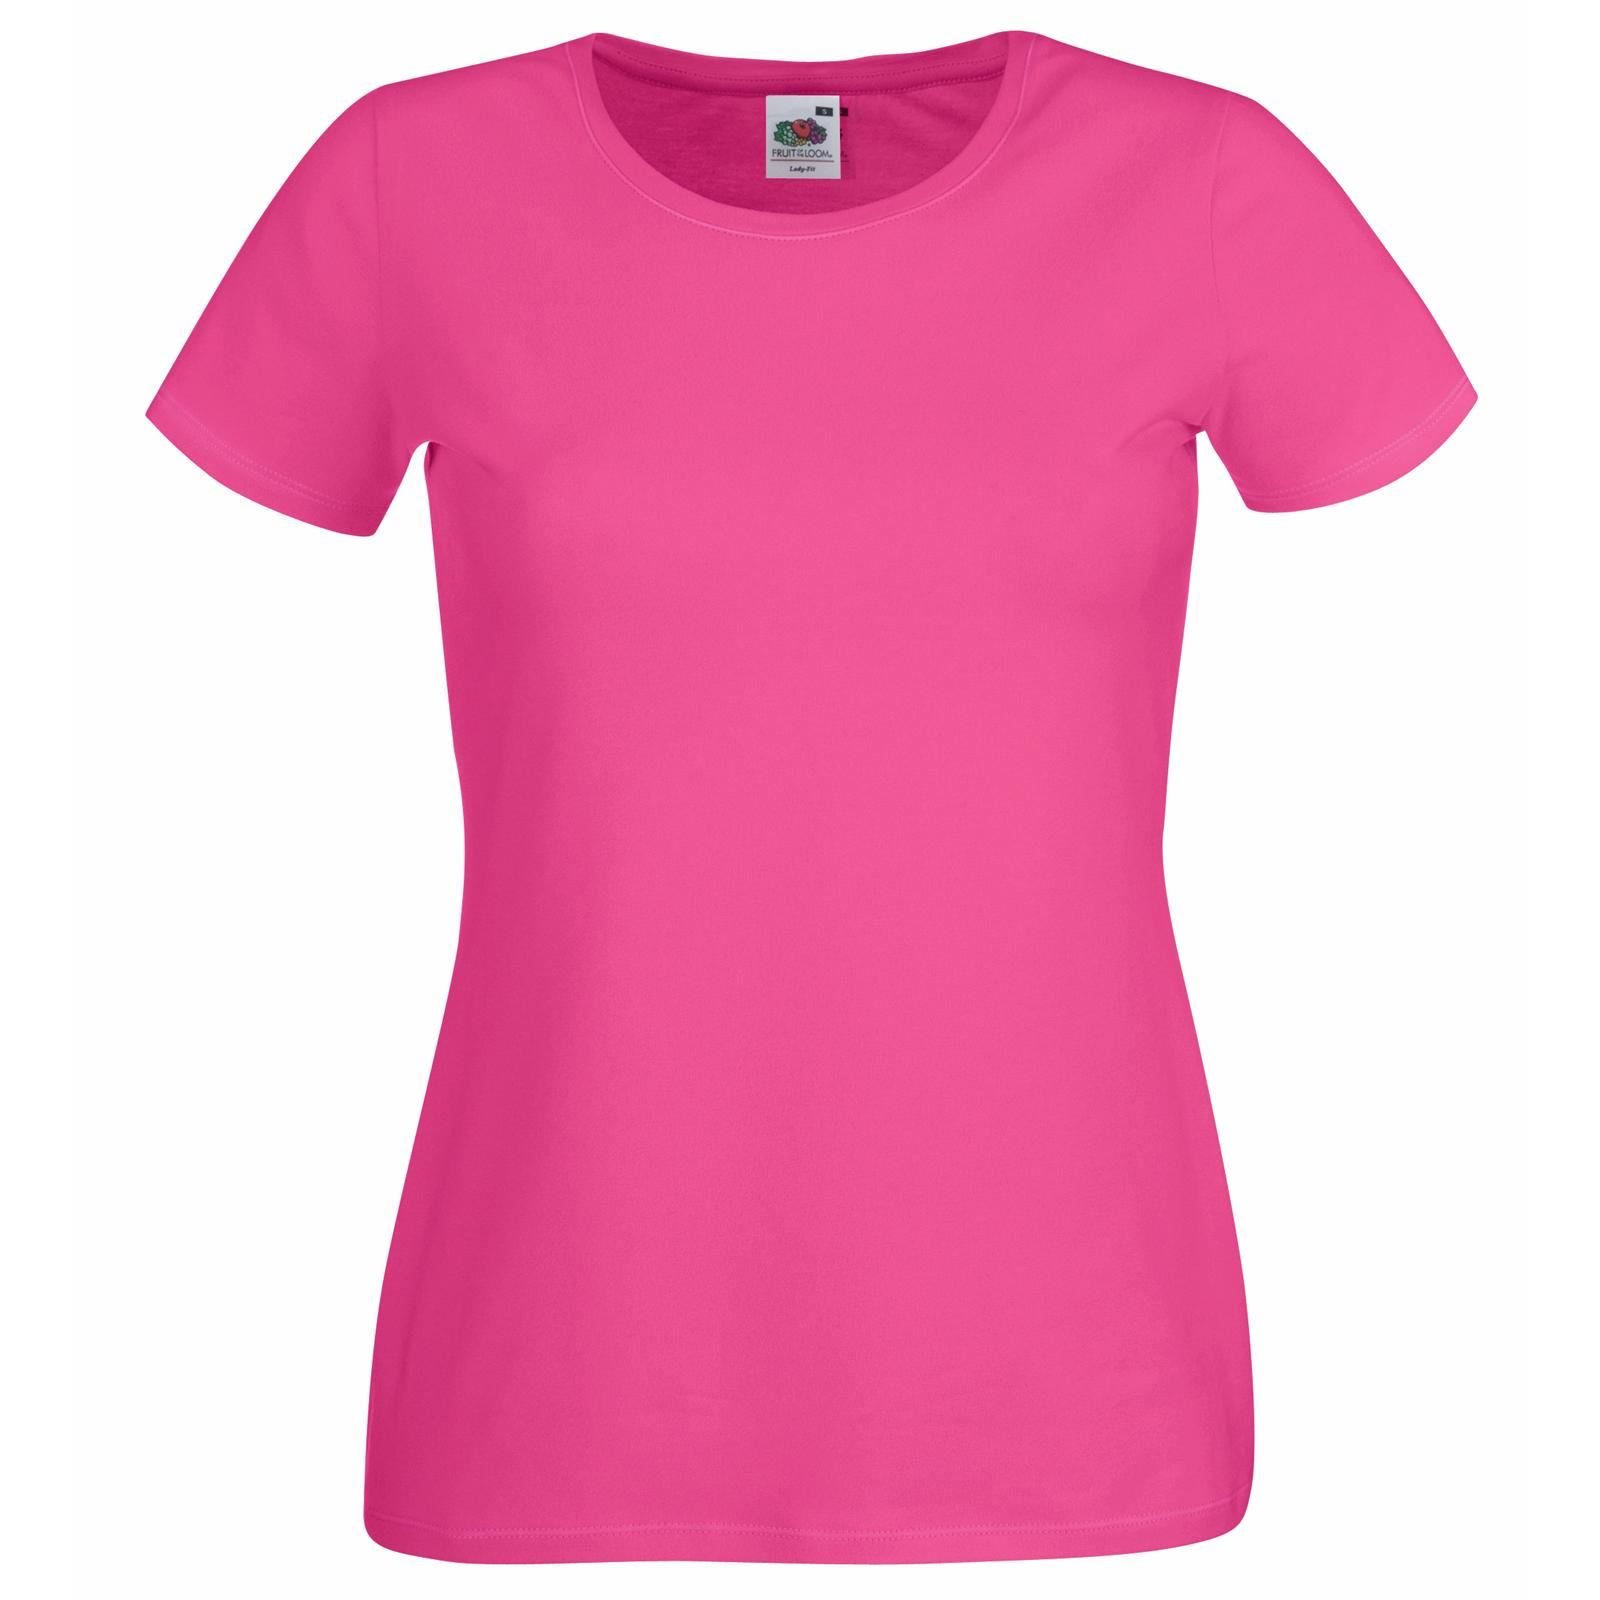 Fuchsia Pink Shirt | Artee Shirt